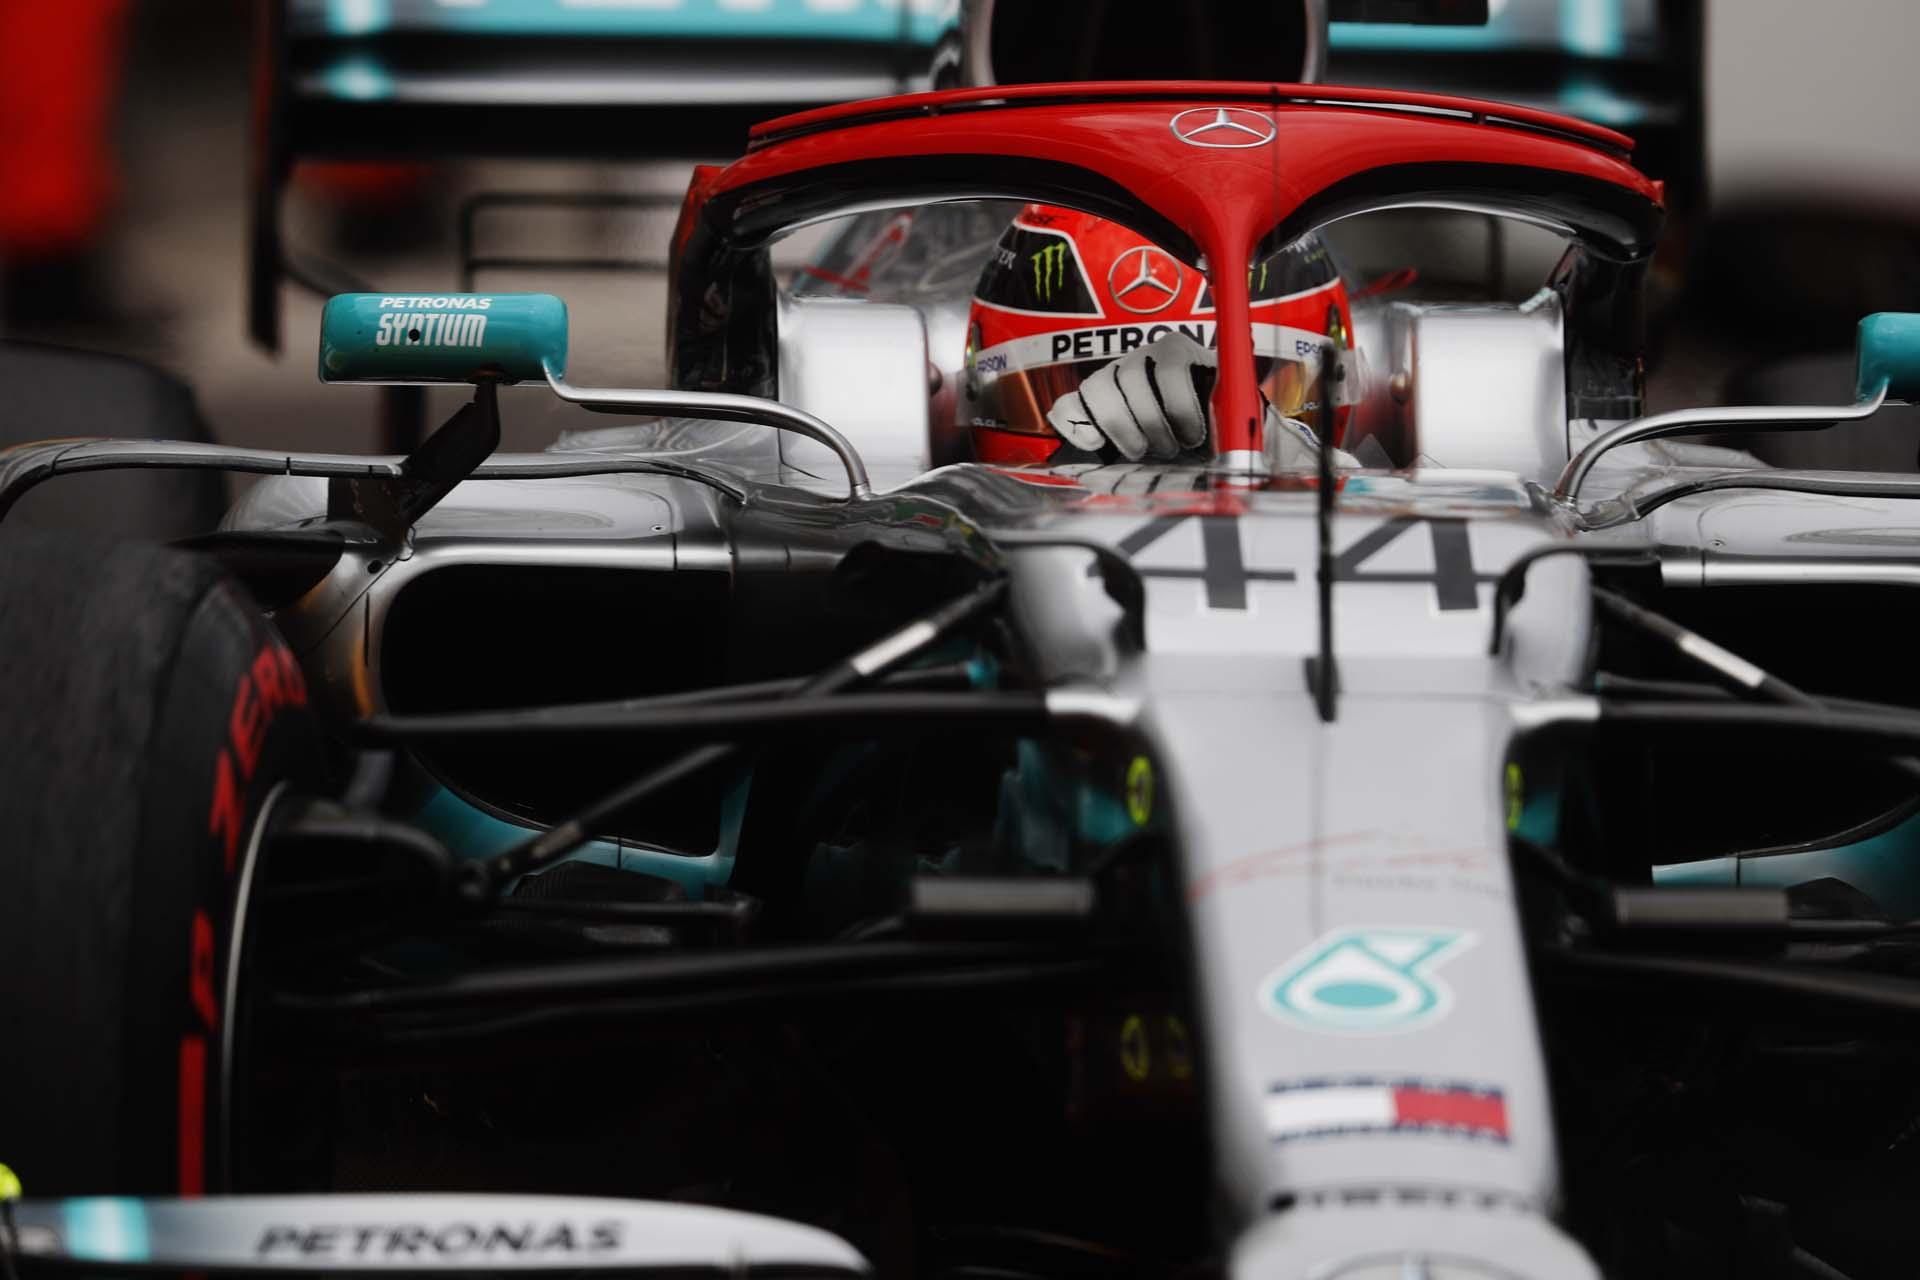 Großer Preis von Monaco 2019, Sonntag - LAT Images